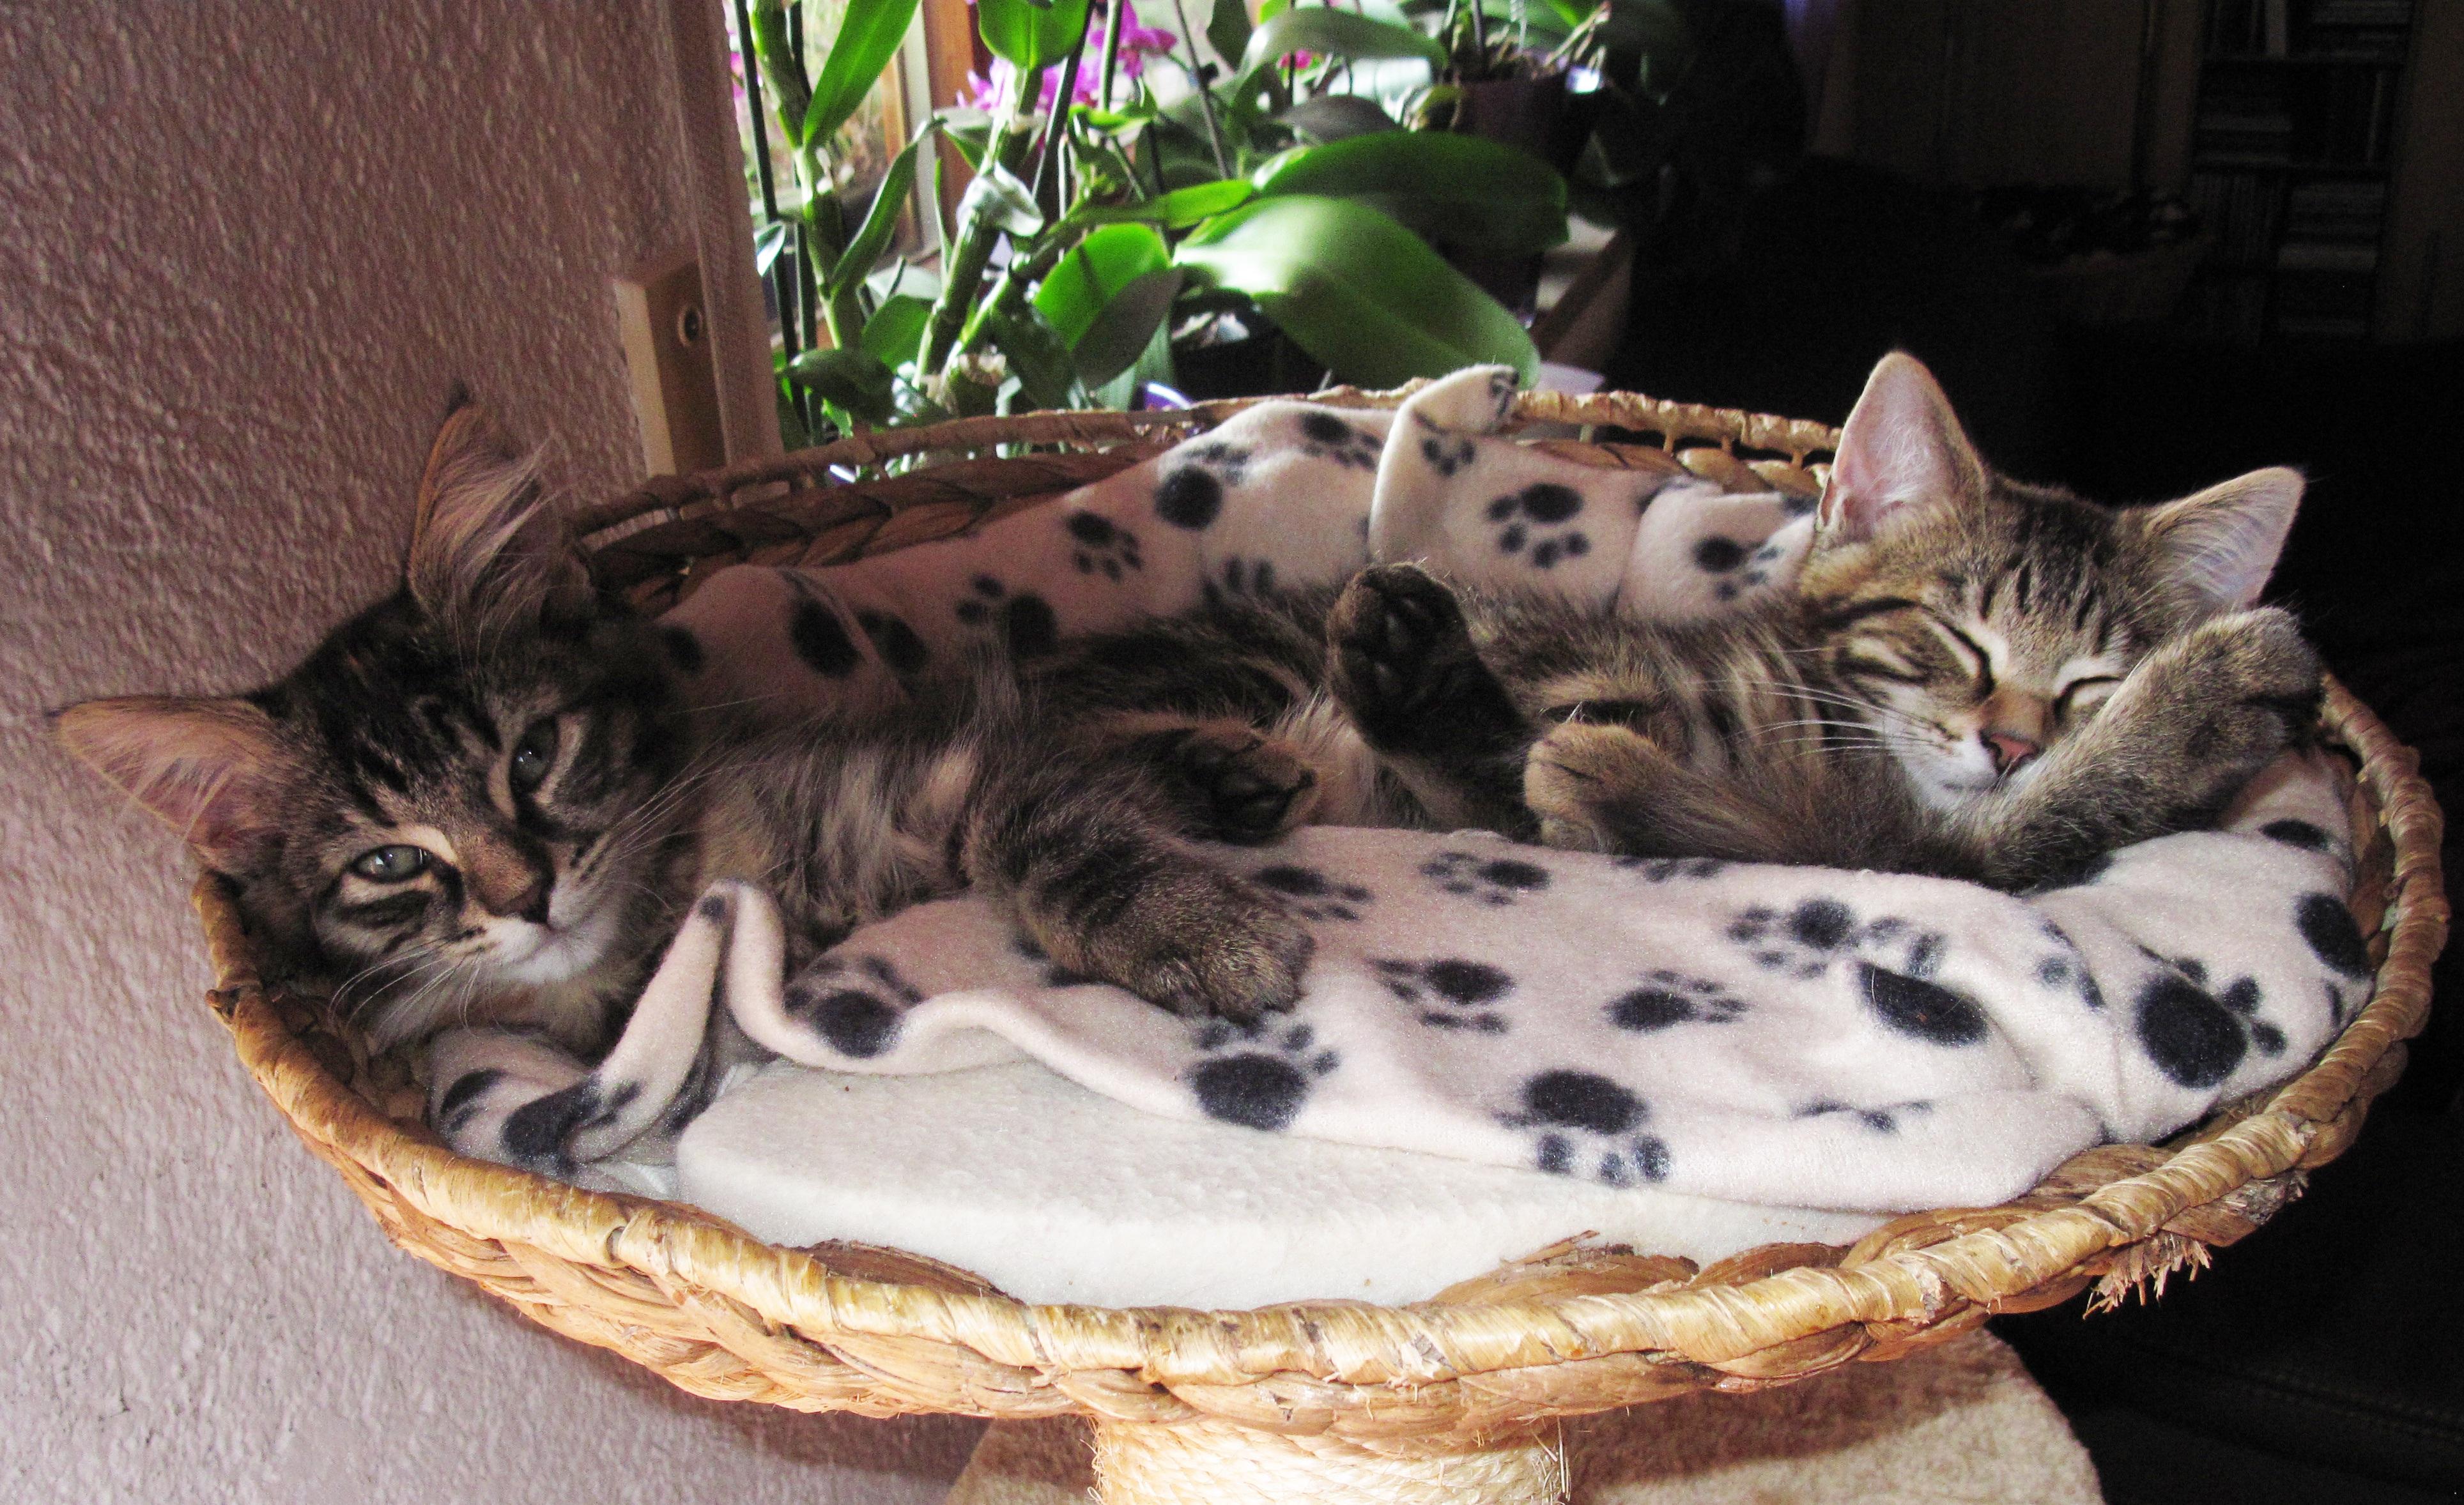 Free sweet cute kitten sleeping whiskers vertebrate